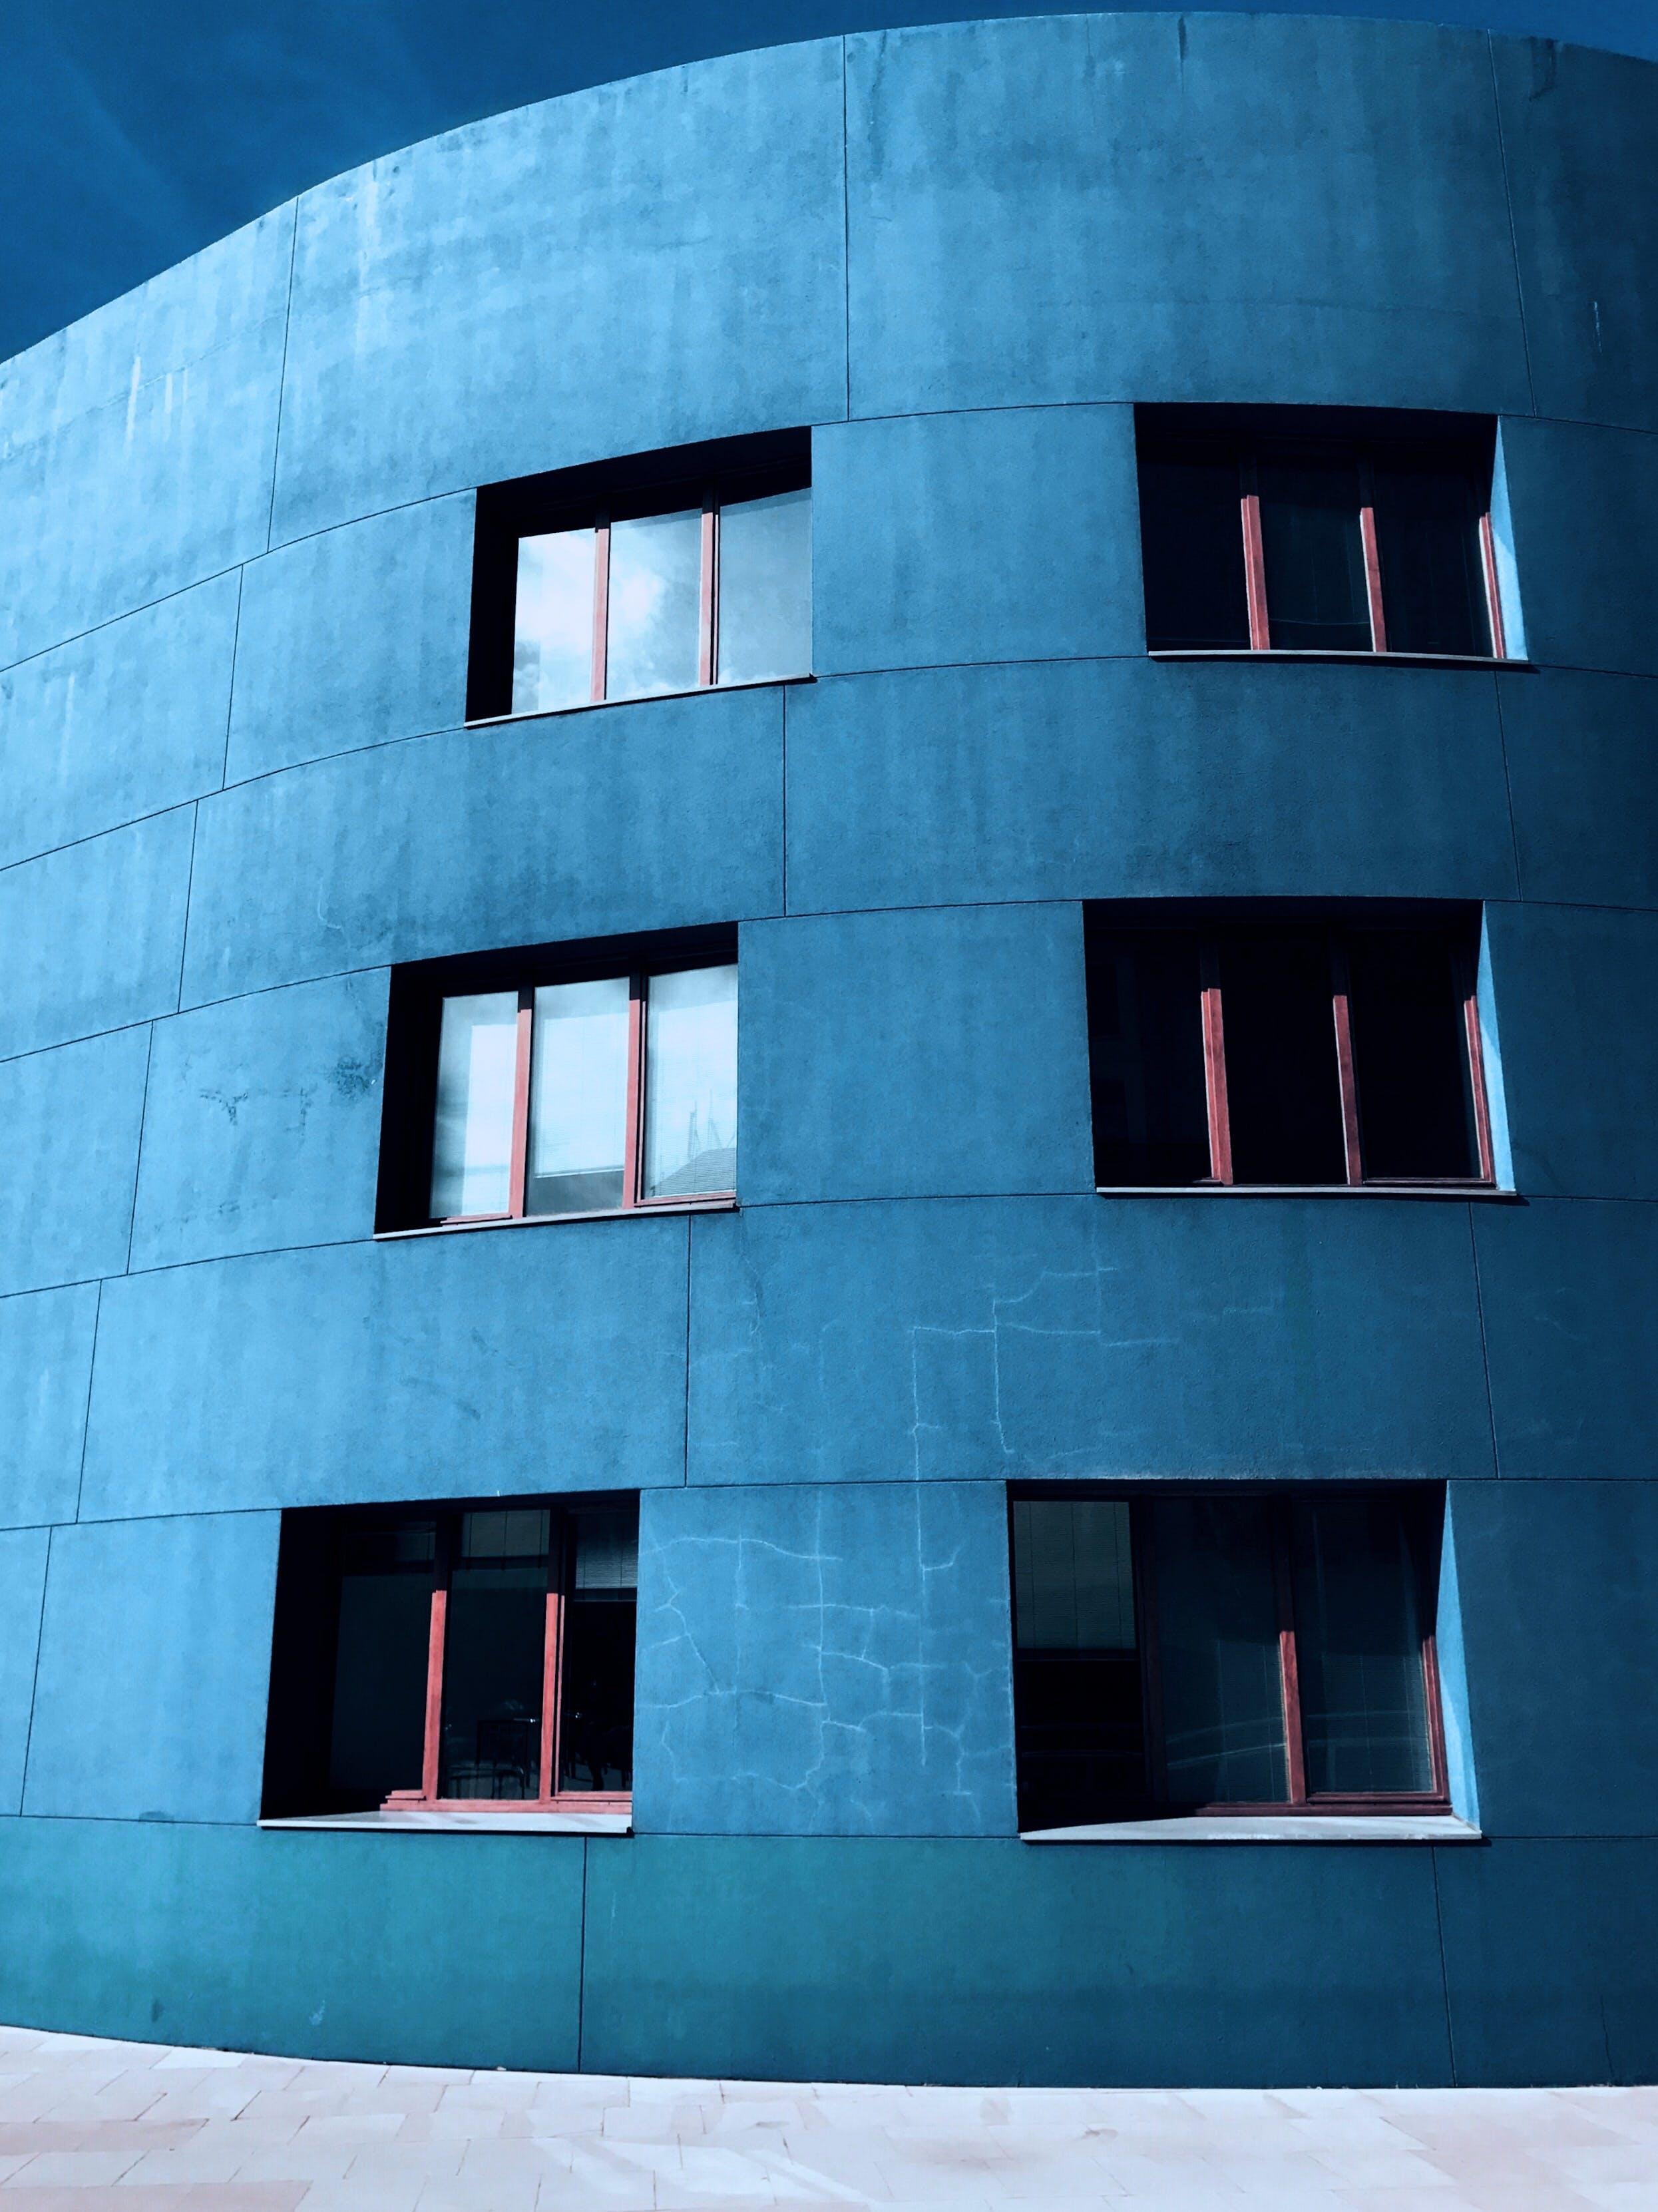 Foto stok gratis Arsitektur, Arsitektur modern, eksterior bangunan, kontemporer